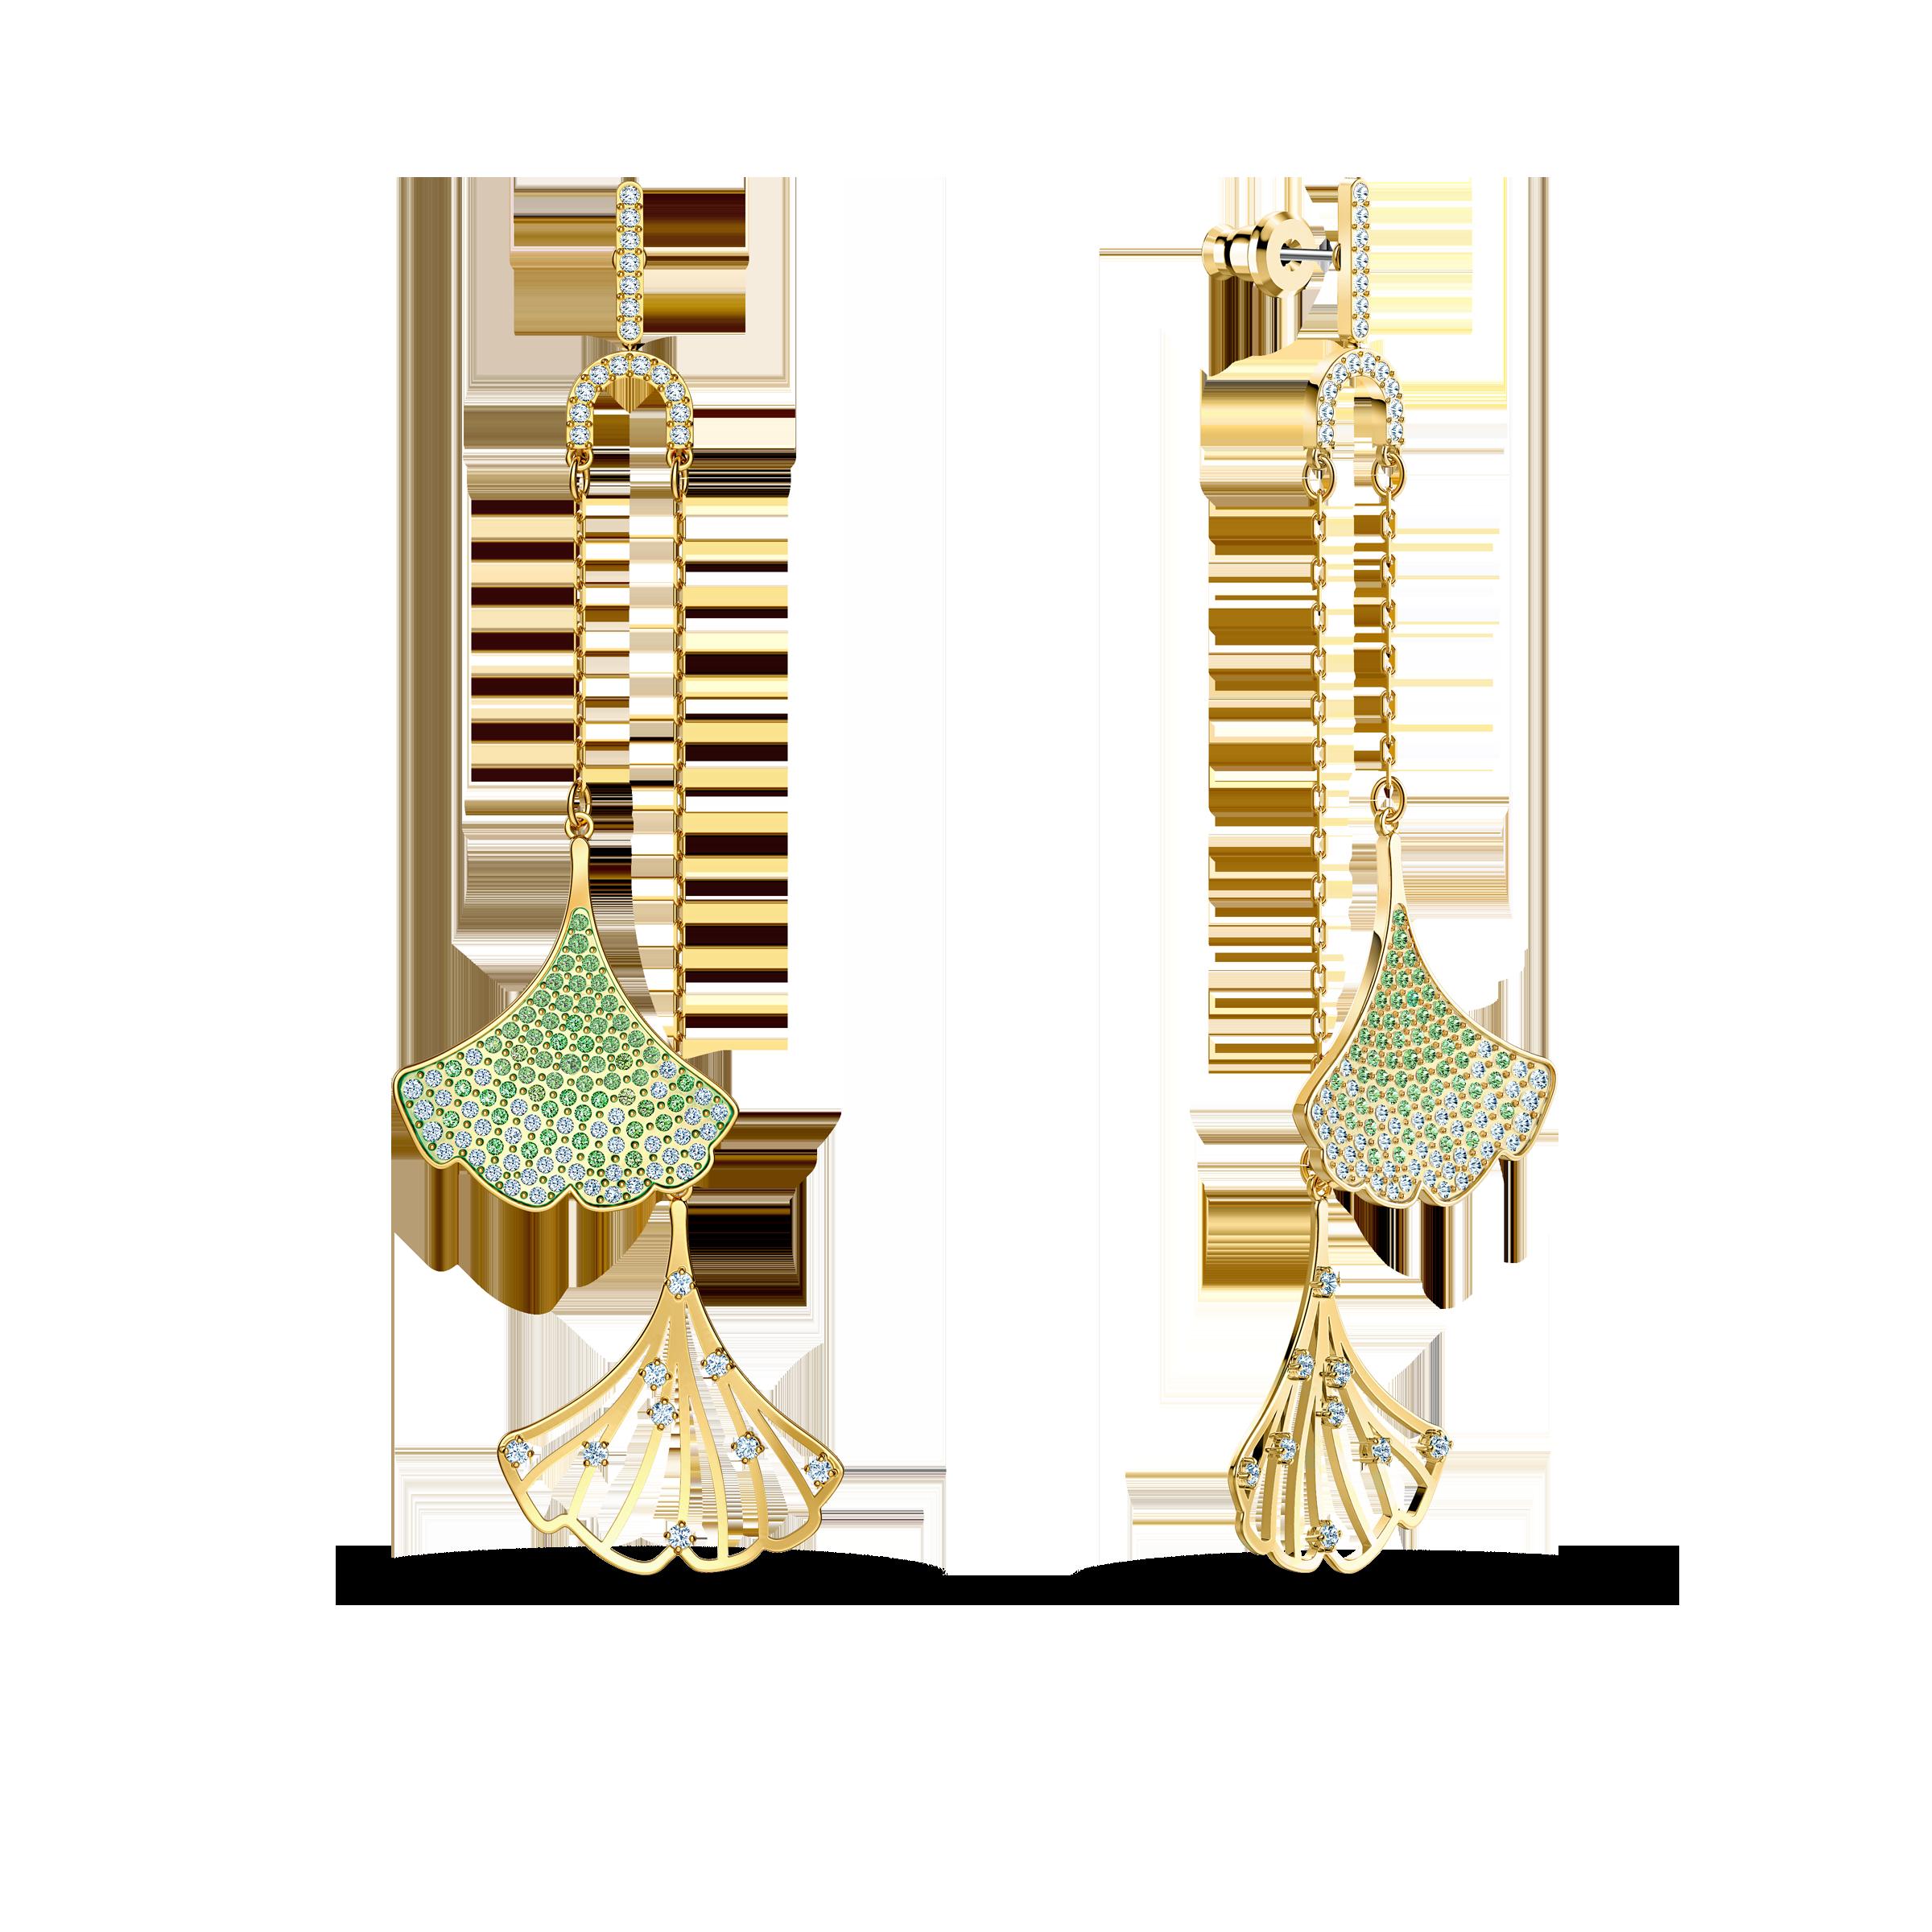 أقراط Stunning Ginko غير المثبتة للأذن المثقوبة، خضراء اللون، مطلية باللون الذهبي